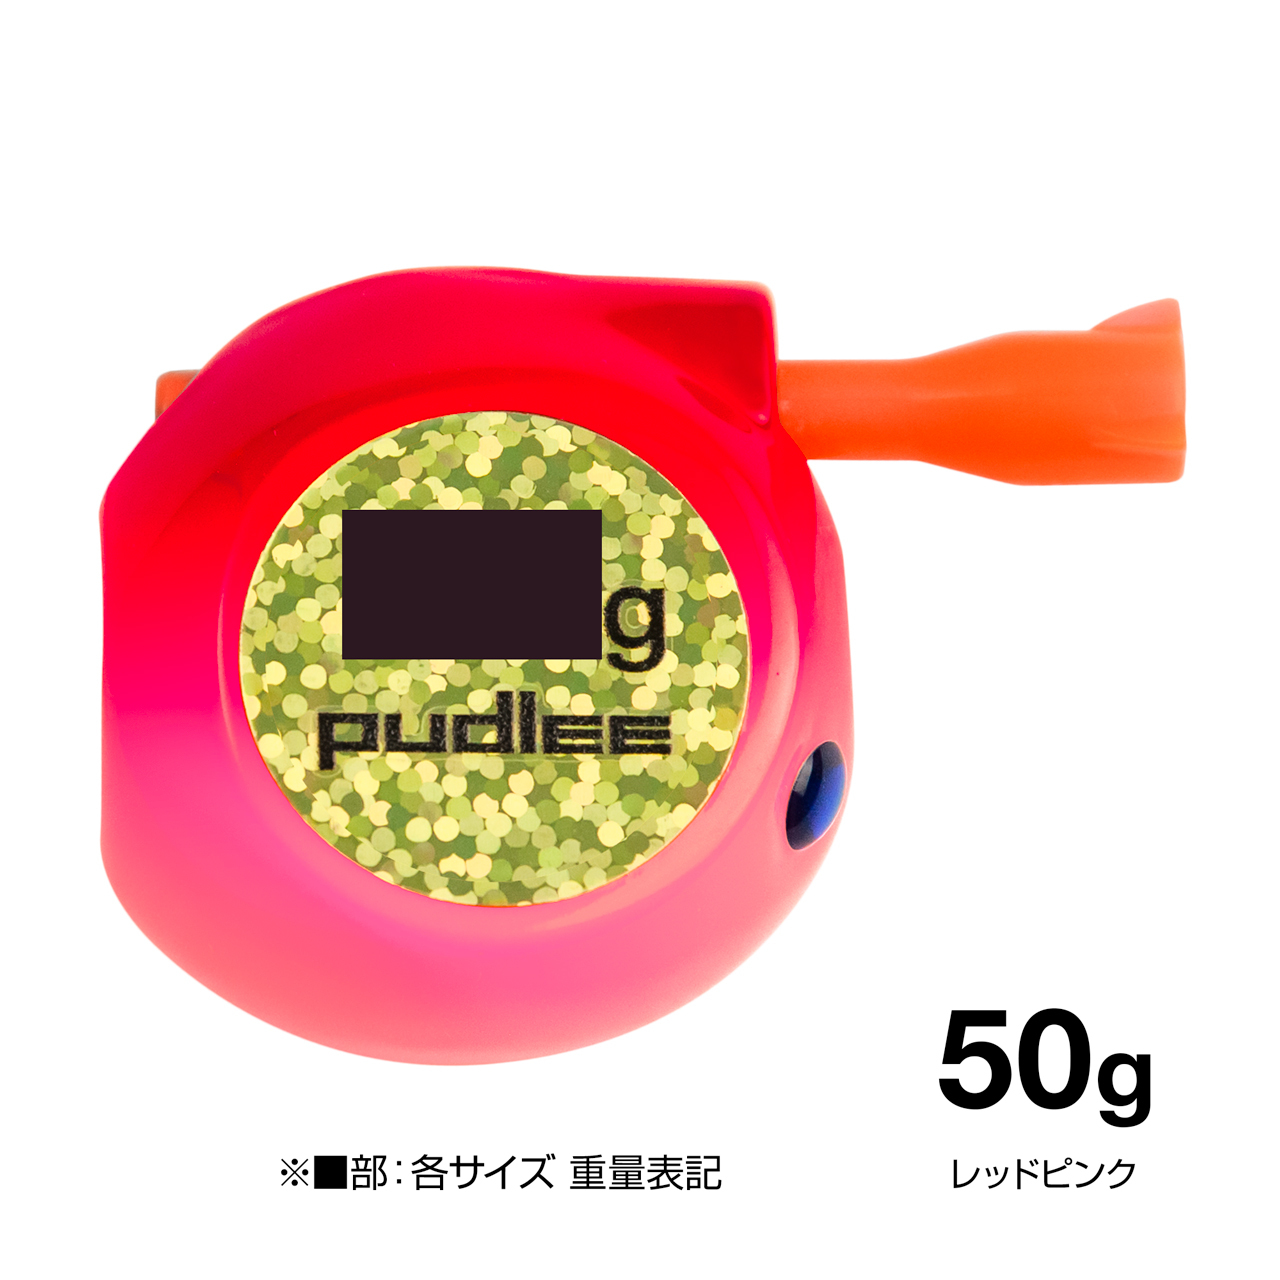 【釣りフェス限定販売】タイラバJET フラットサイド 50gレッドピンク